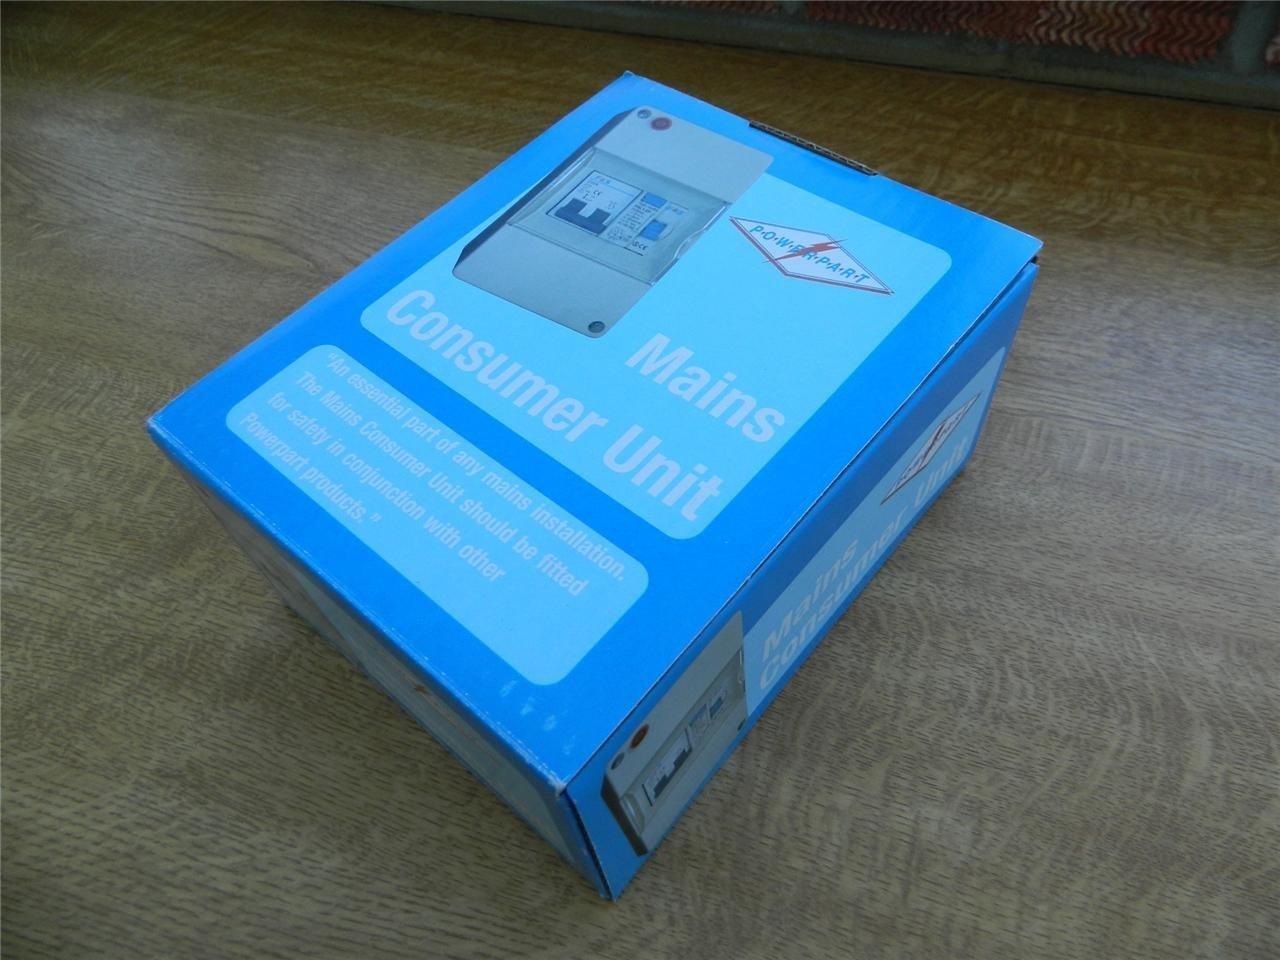 Verteilerkasten / Sicherungskasten fü r Wohnwagen/Wohnmobil, kompakt, 240 V Pennine Powerpart PO103